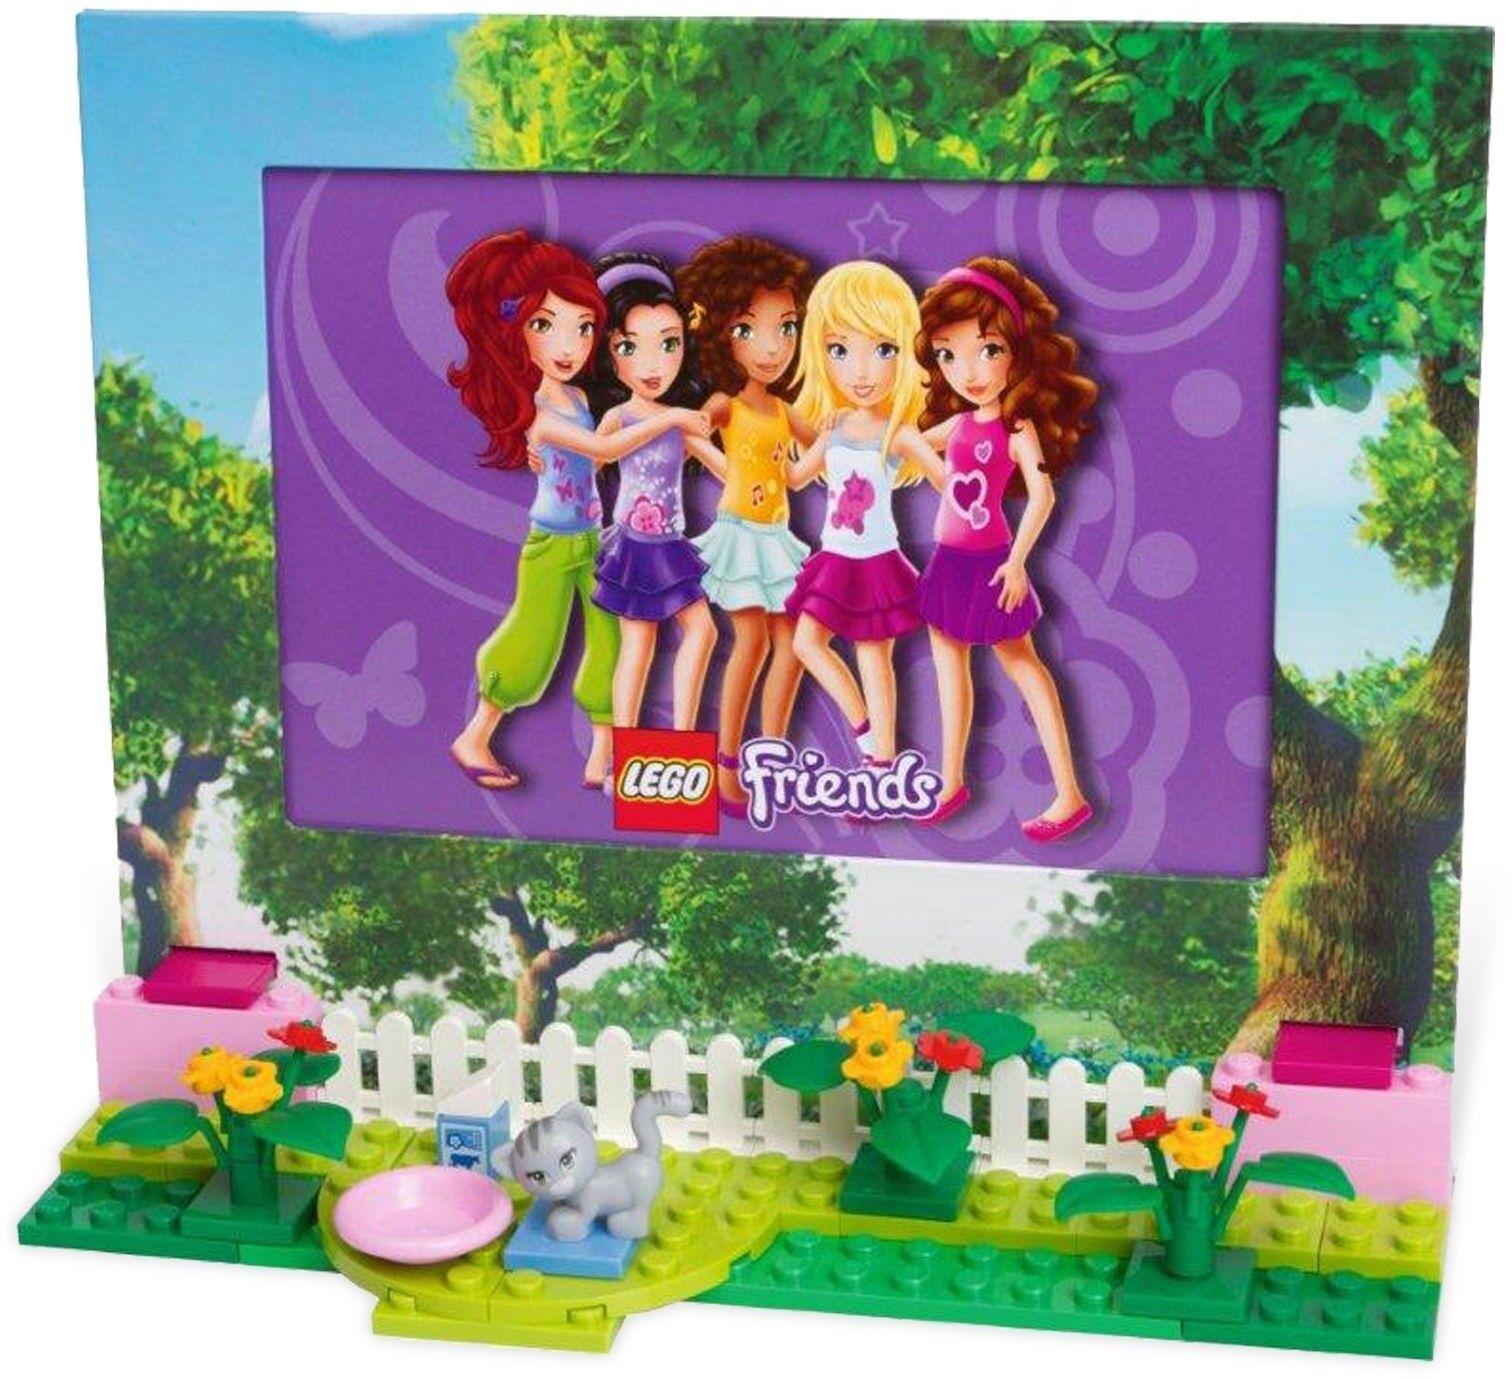 LEGO LEGO LEGO ® Friends 853393 Friends Cadre photo NEUF neuf dans sa boîte _ picture frame NEW En parfait état, dans sa boîte scellée Boîte d'origine jamais ouverte 5c2cd2